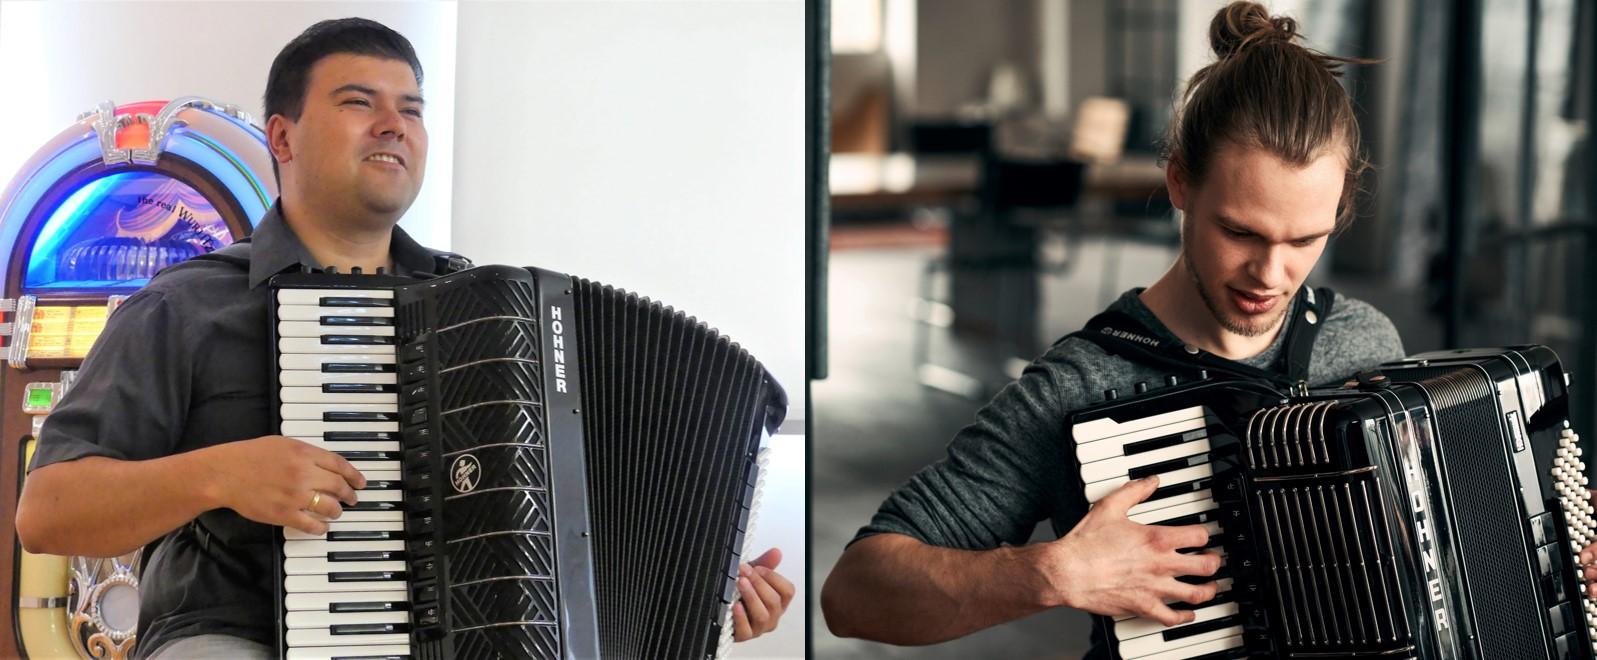 Orientierungsphase Zum Zertifikatslehrgang: Das Akkordeon In Jazz Und Pop – Stilistik, Improvisation, Didaktik